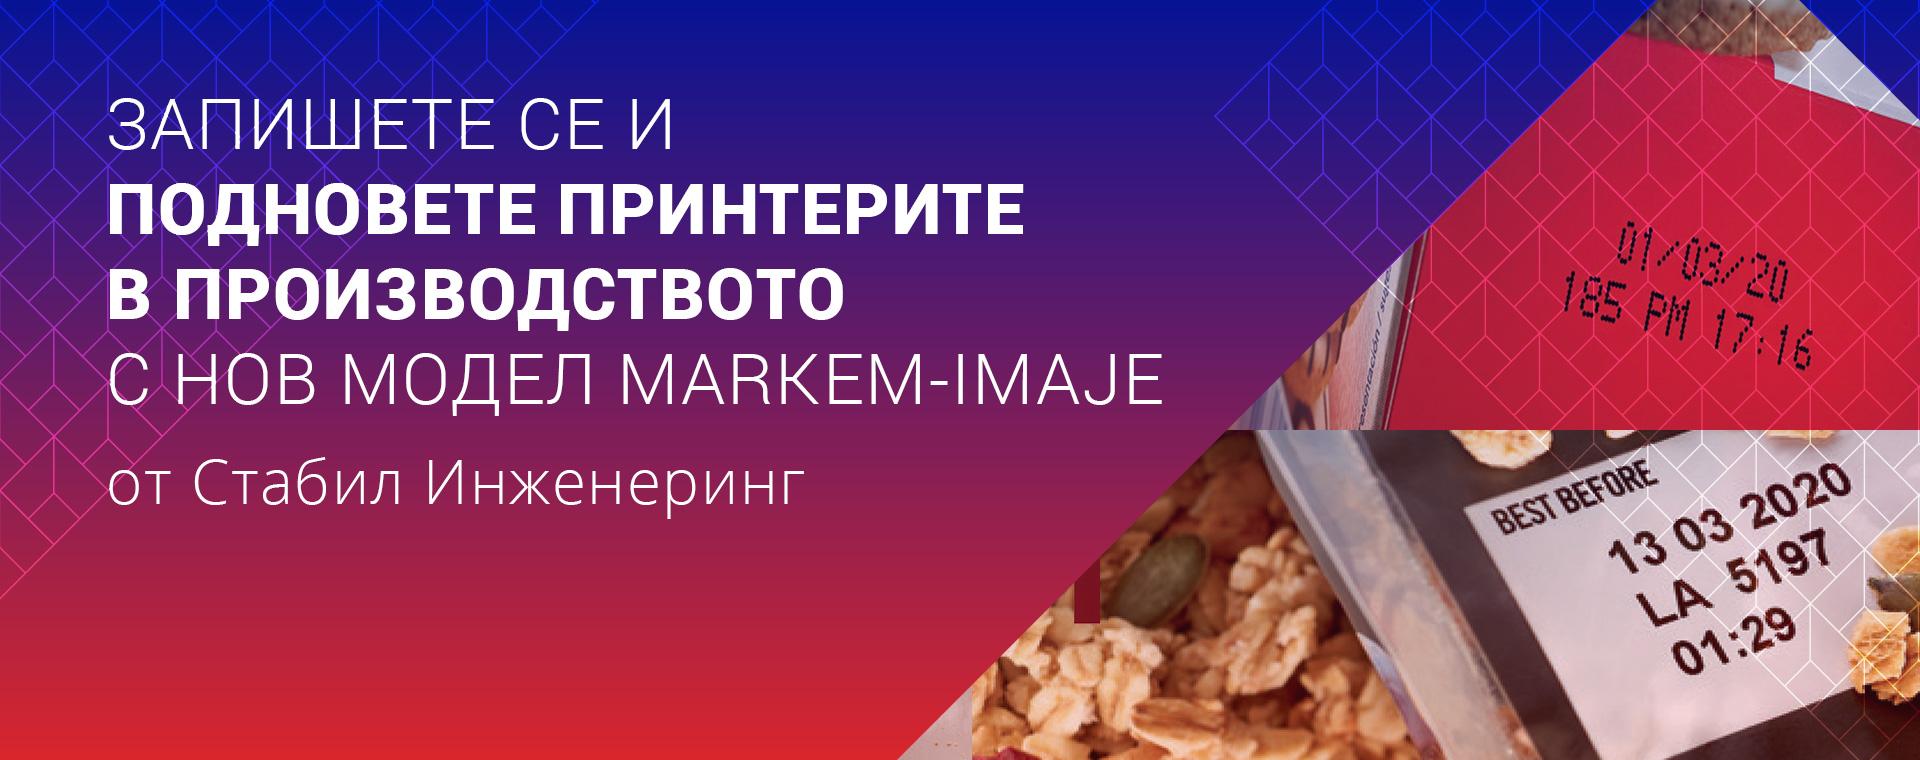 Запишете се и подновет индустриалните принтери в производството с нов модел Markem-Imaje от Стабил Инженеринг